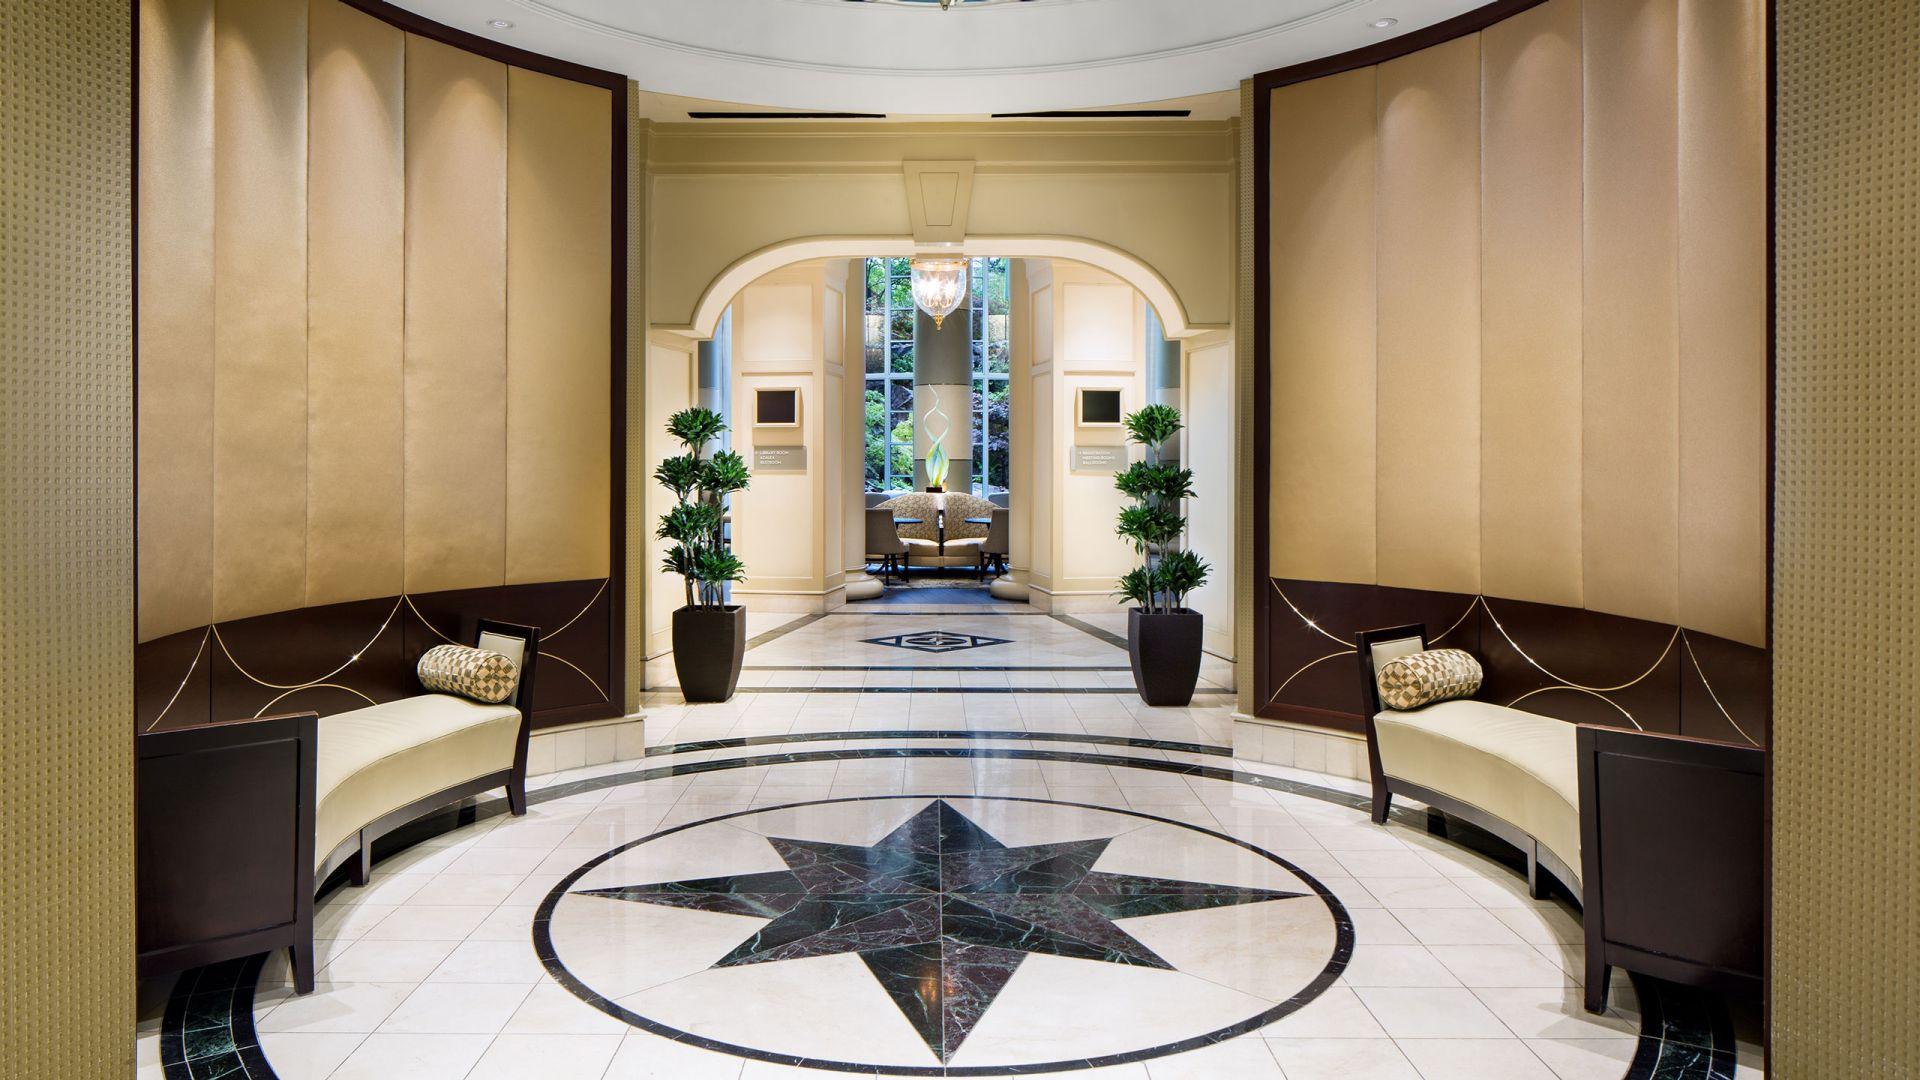 Grand hyat lobby entrance